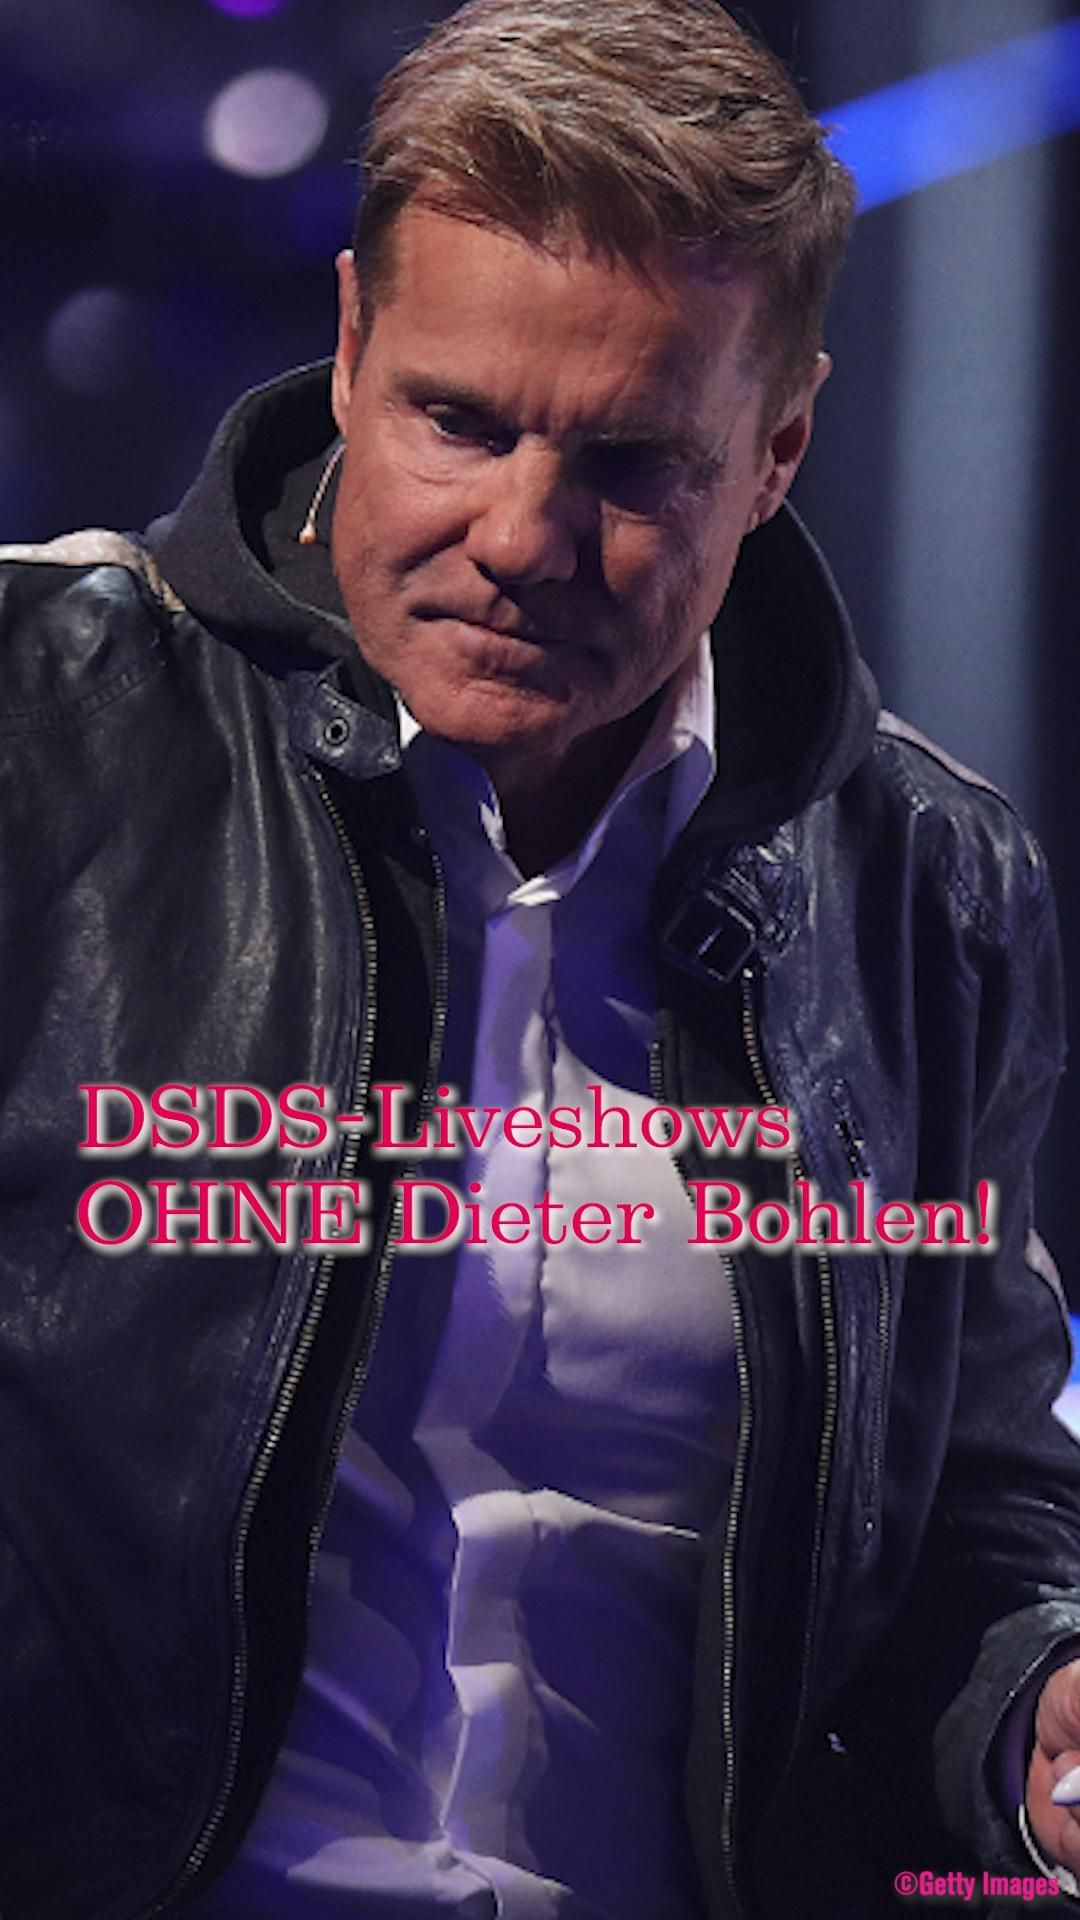 Dieter Bohlen Dsds Liveshows Krankheitsbedingt Abgesagt Video Video In 2021 Dsds Dieter Bohlen Bohlen